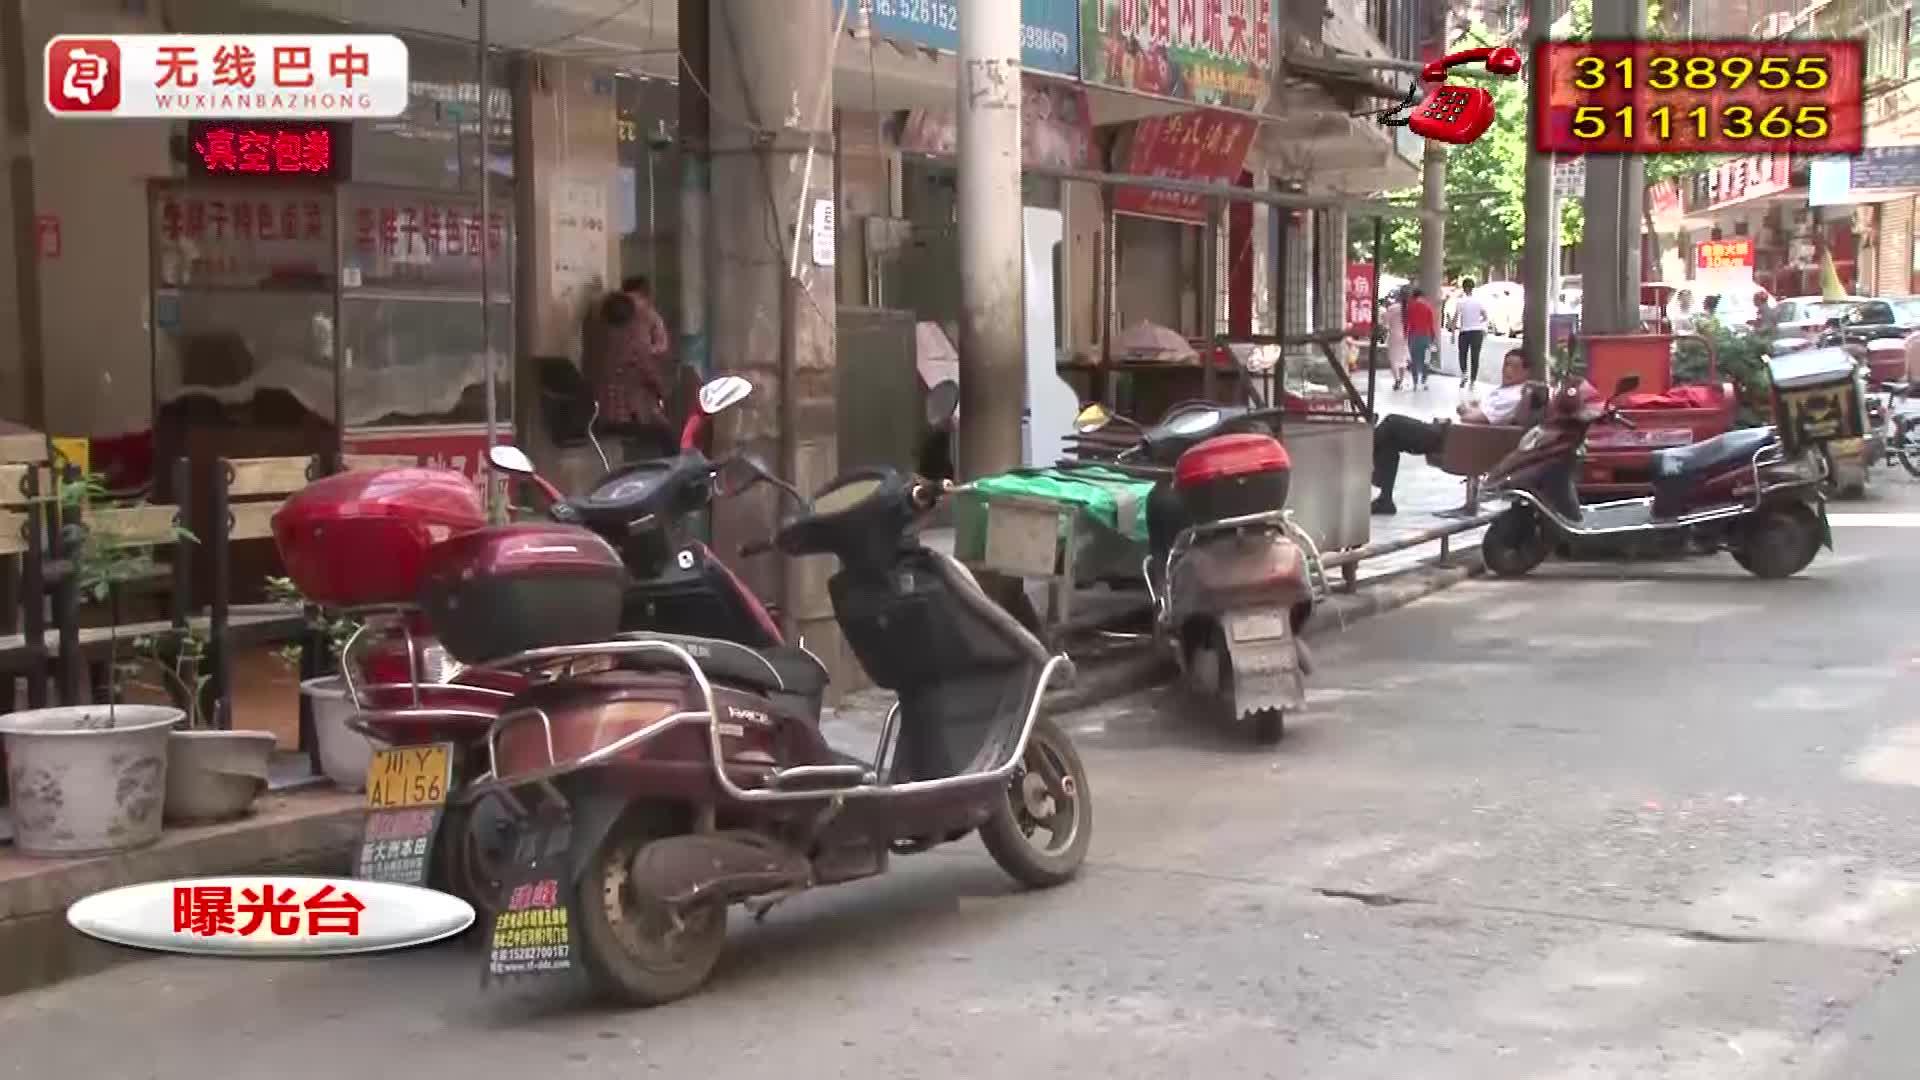 巴城吊桥街:车辆乱停放安全存隐患